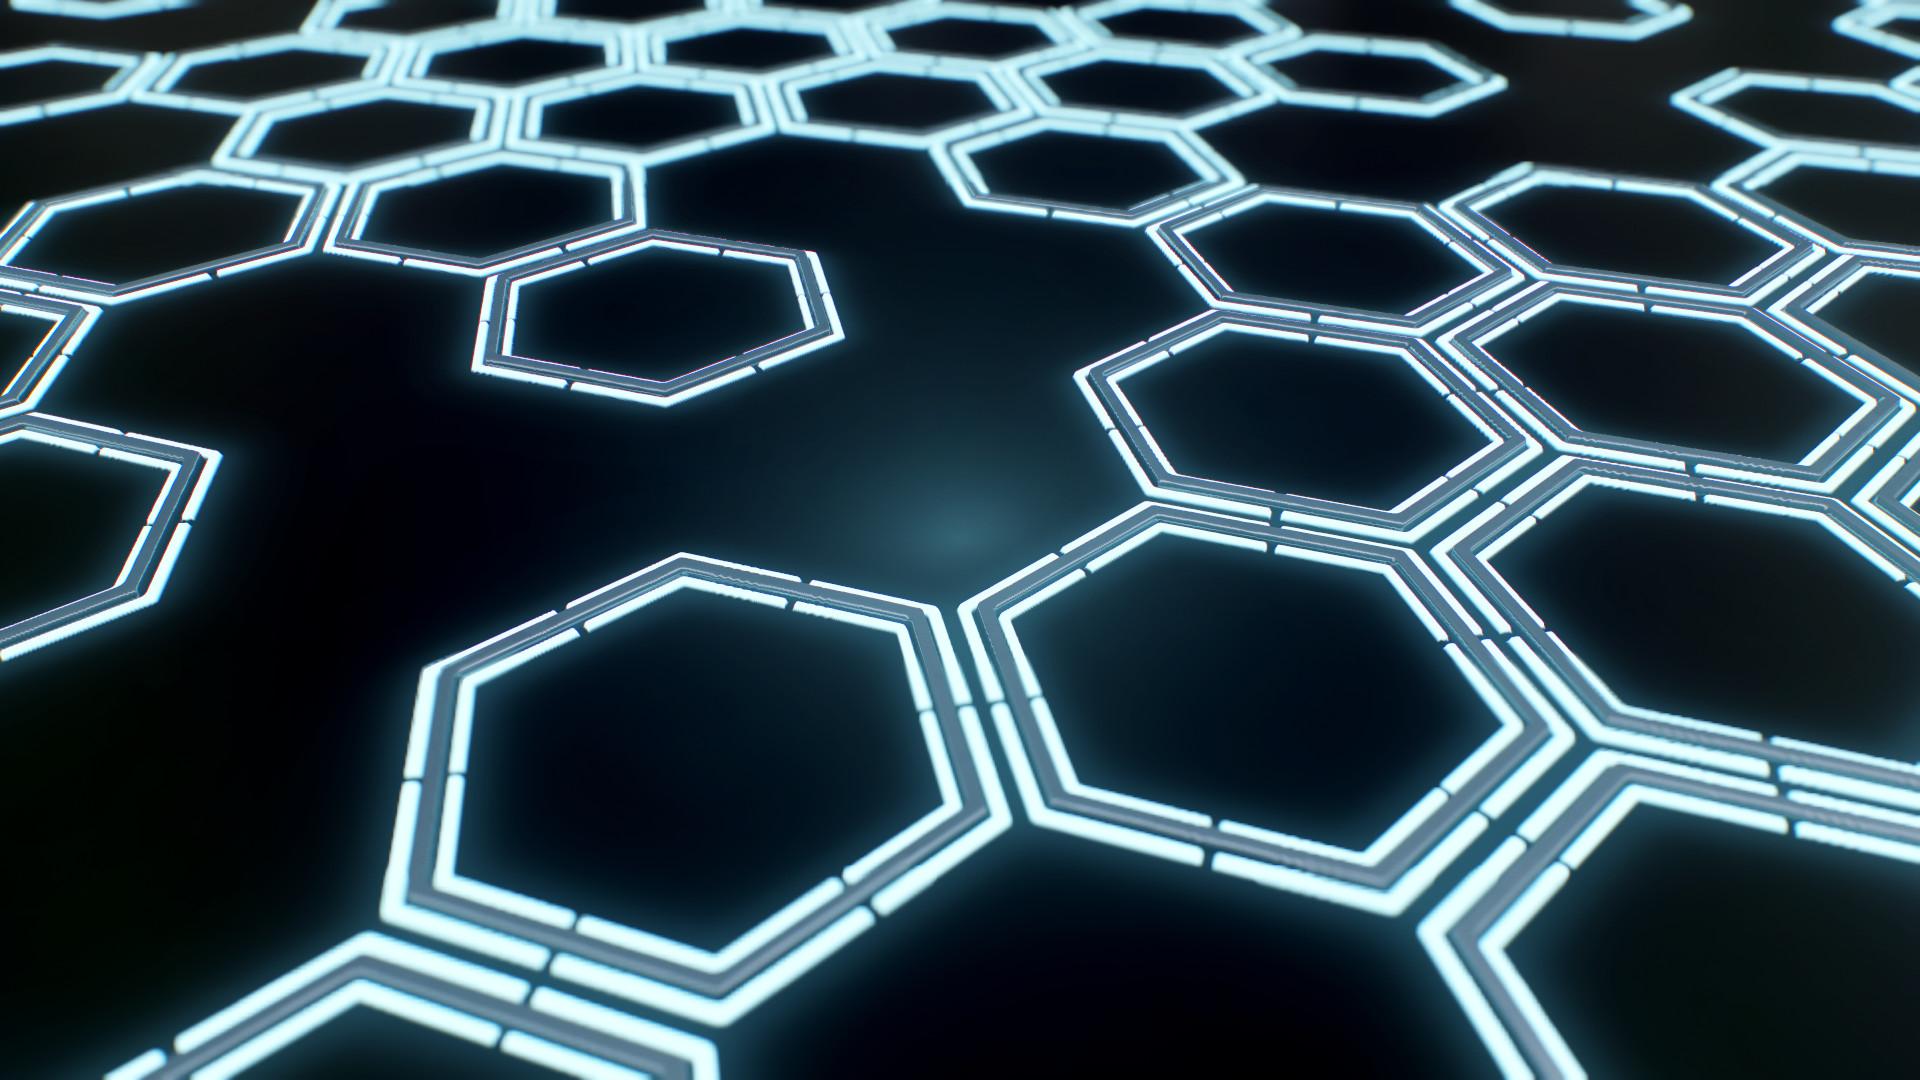 tutorial hexagonal light tiles in substance designer